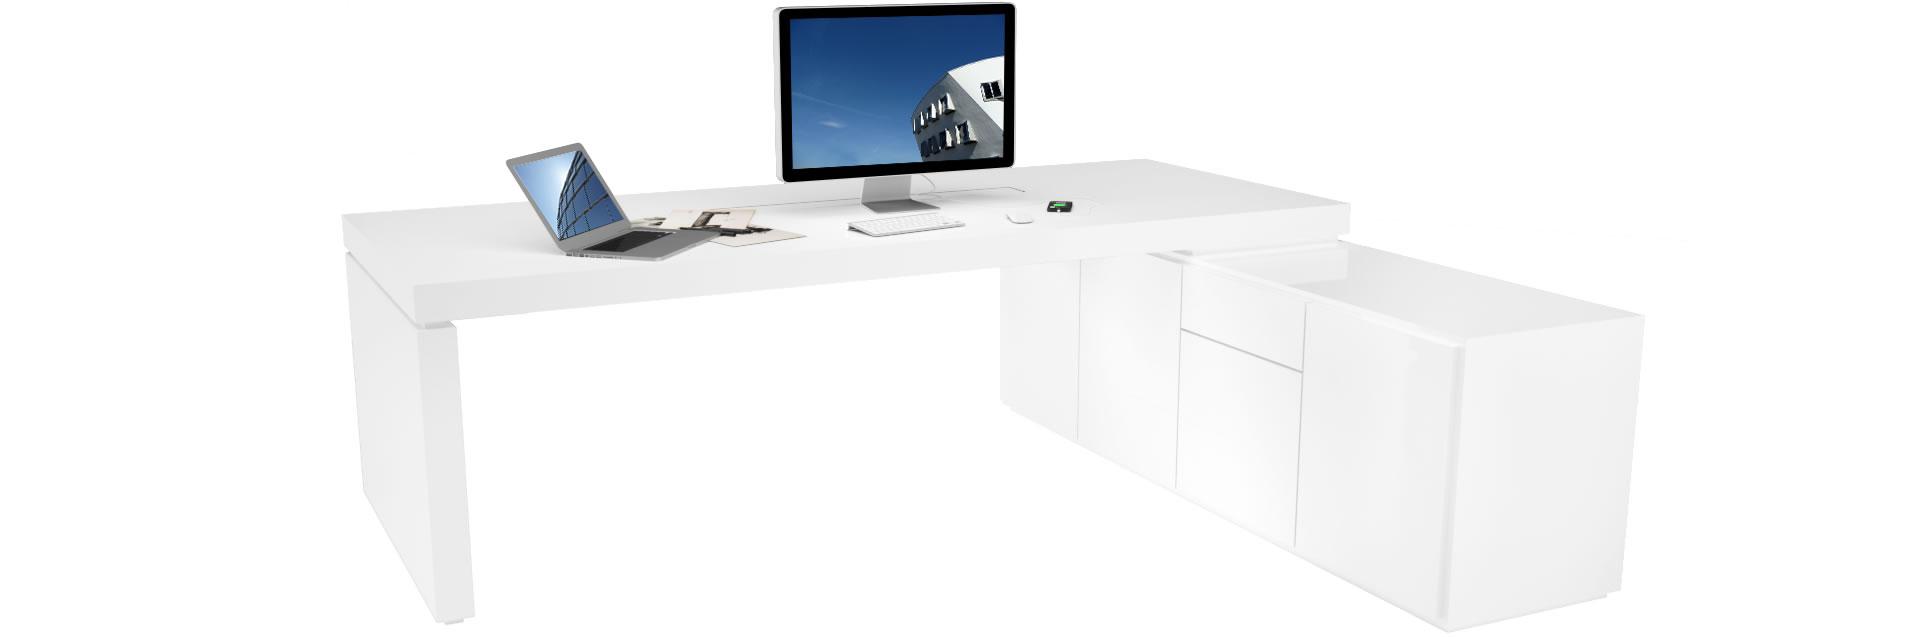 Schreibtisch Büro Modern ~ schreibtisch buero weiss eckschreibtisch praefectus